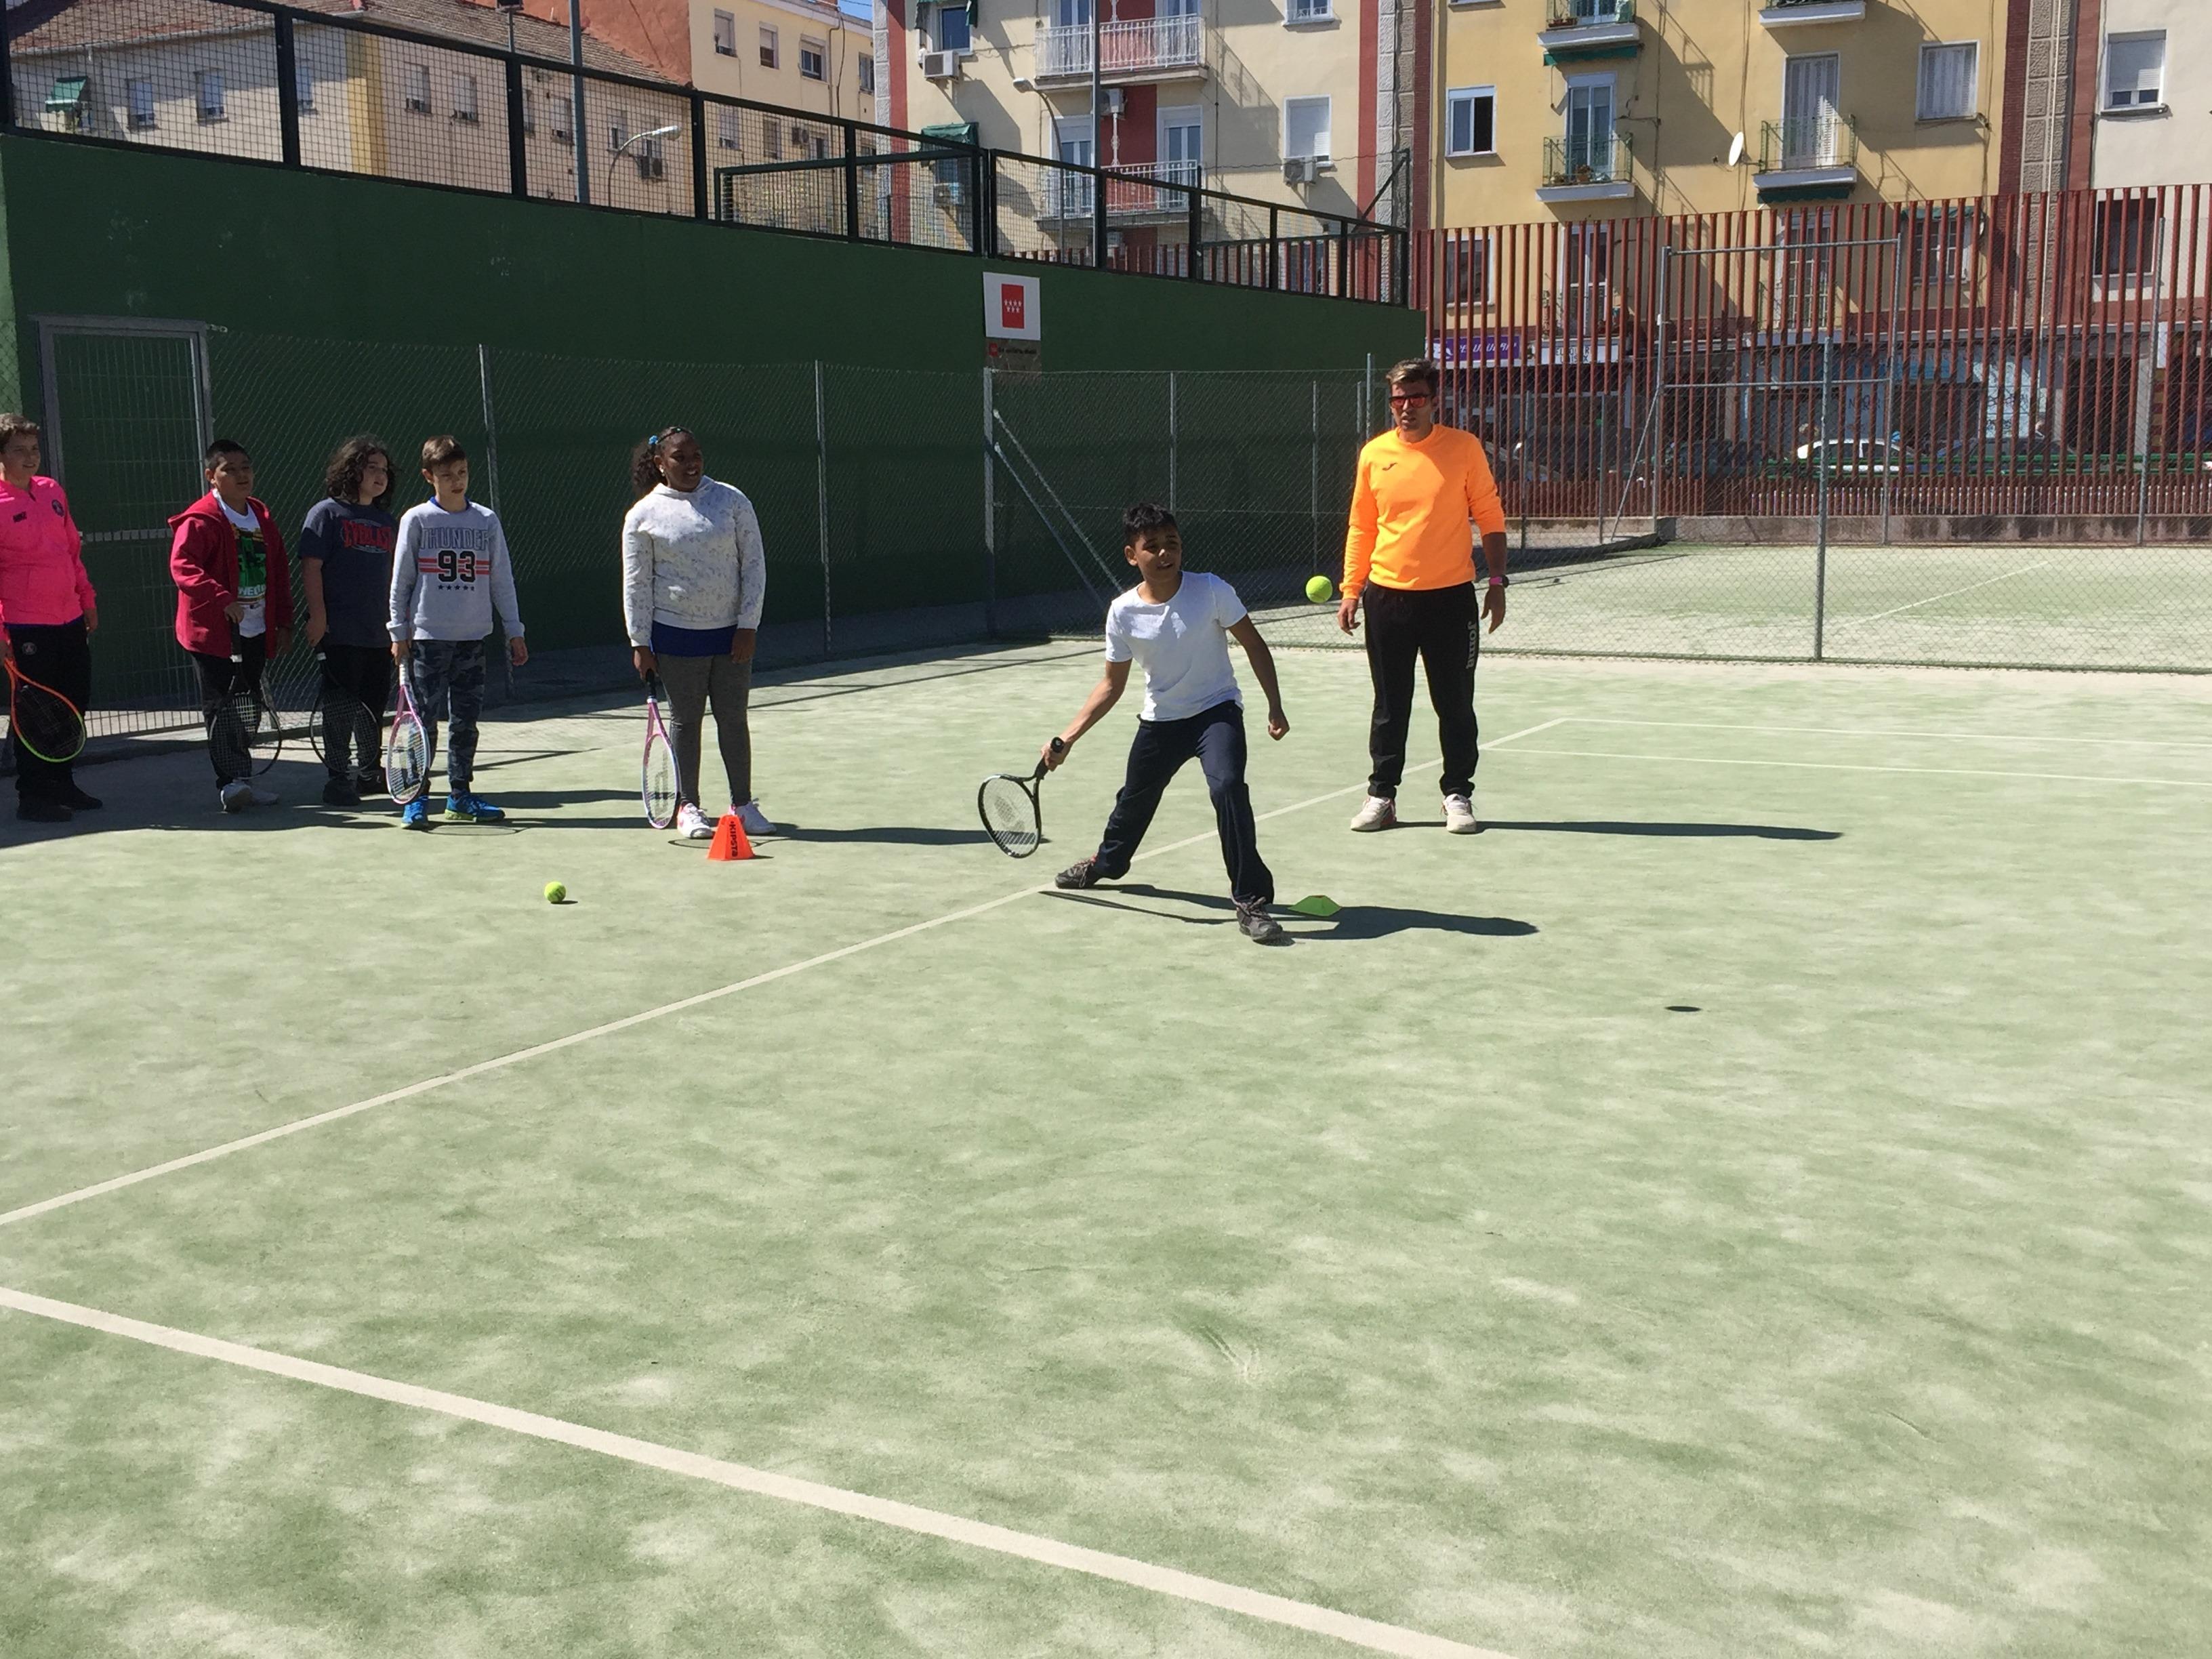 MAÑANAS ACTIVAS. Polideportivo San Vicente de Paul. 19